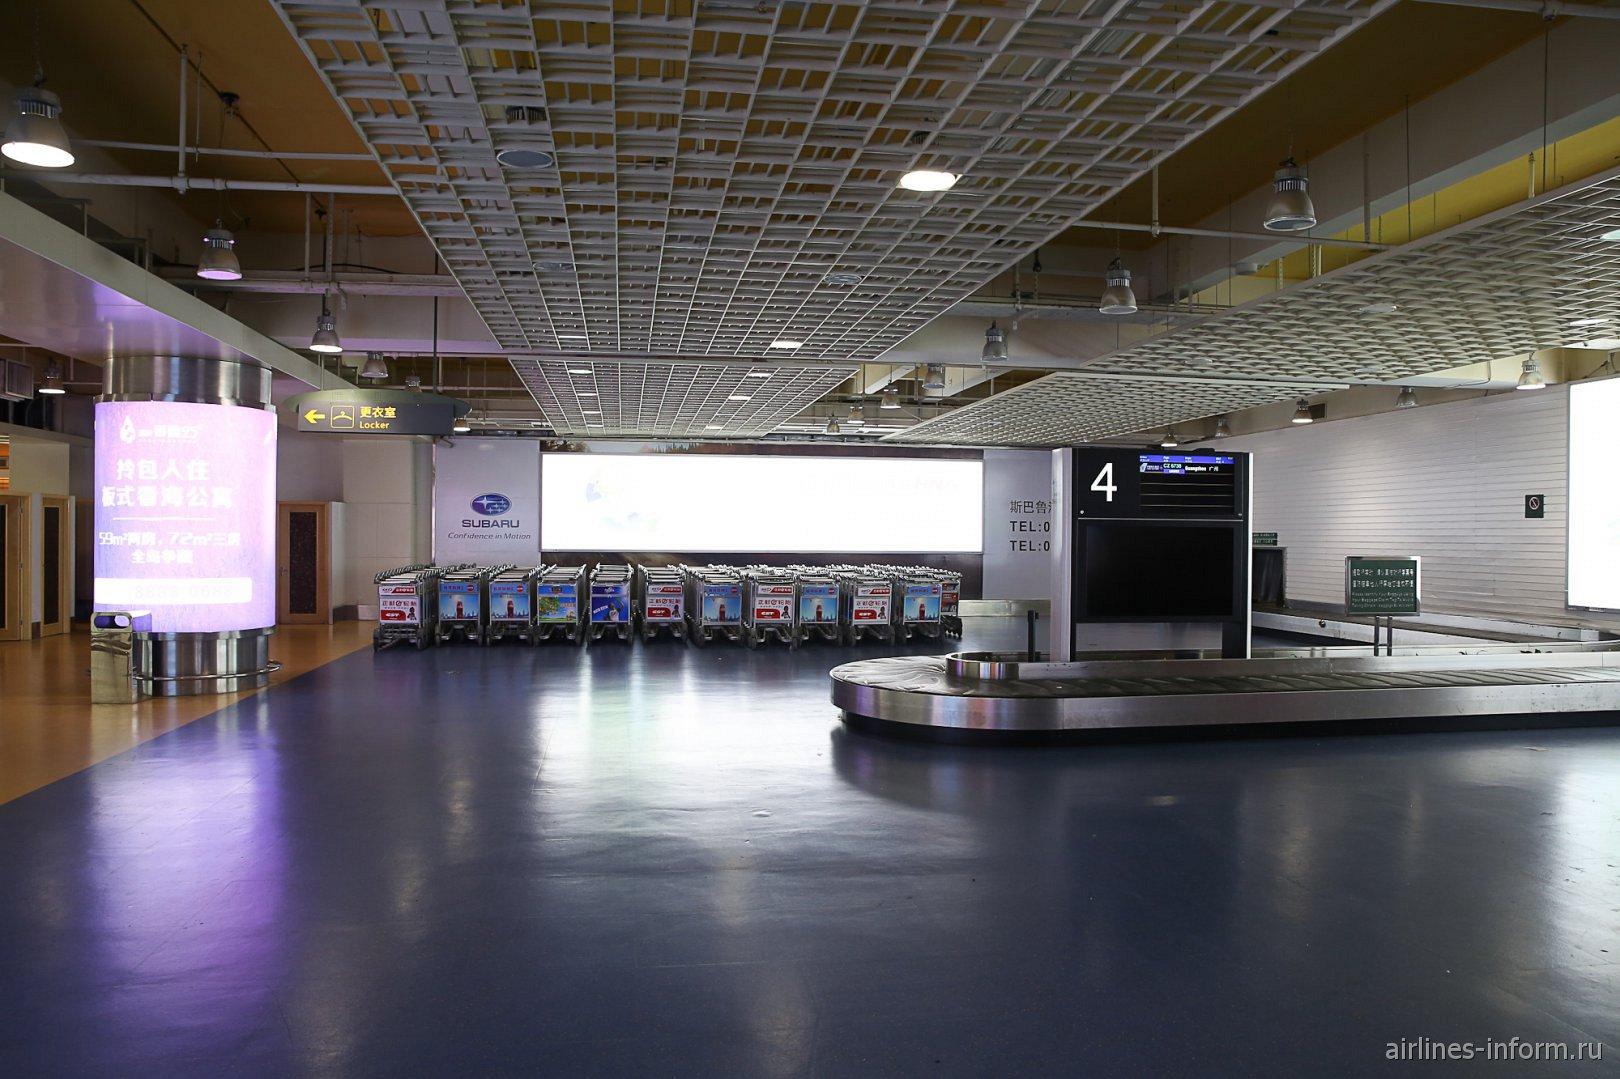 Лента выдачи багажа в терминале внутренних линий аэропорта Санья Феникс